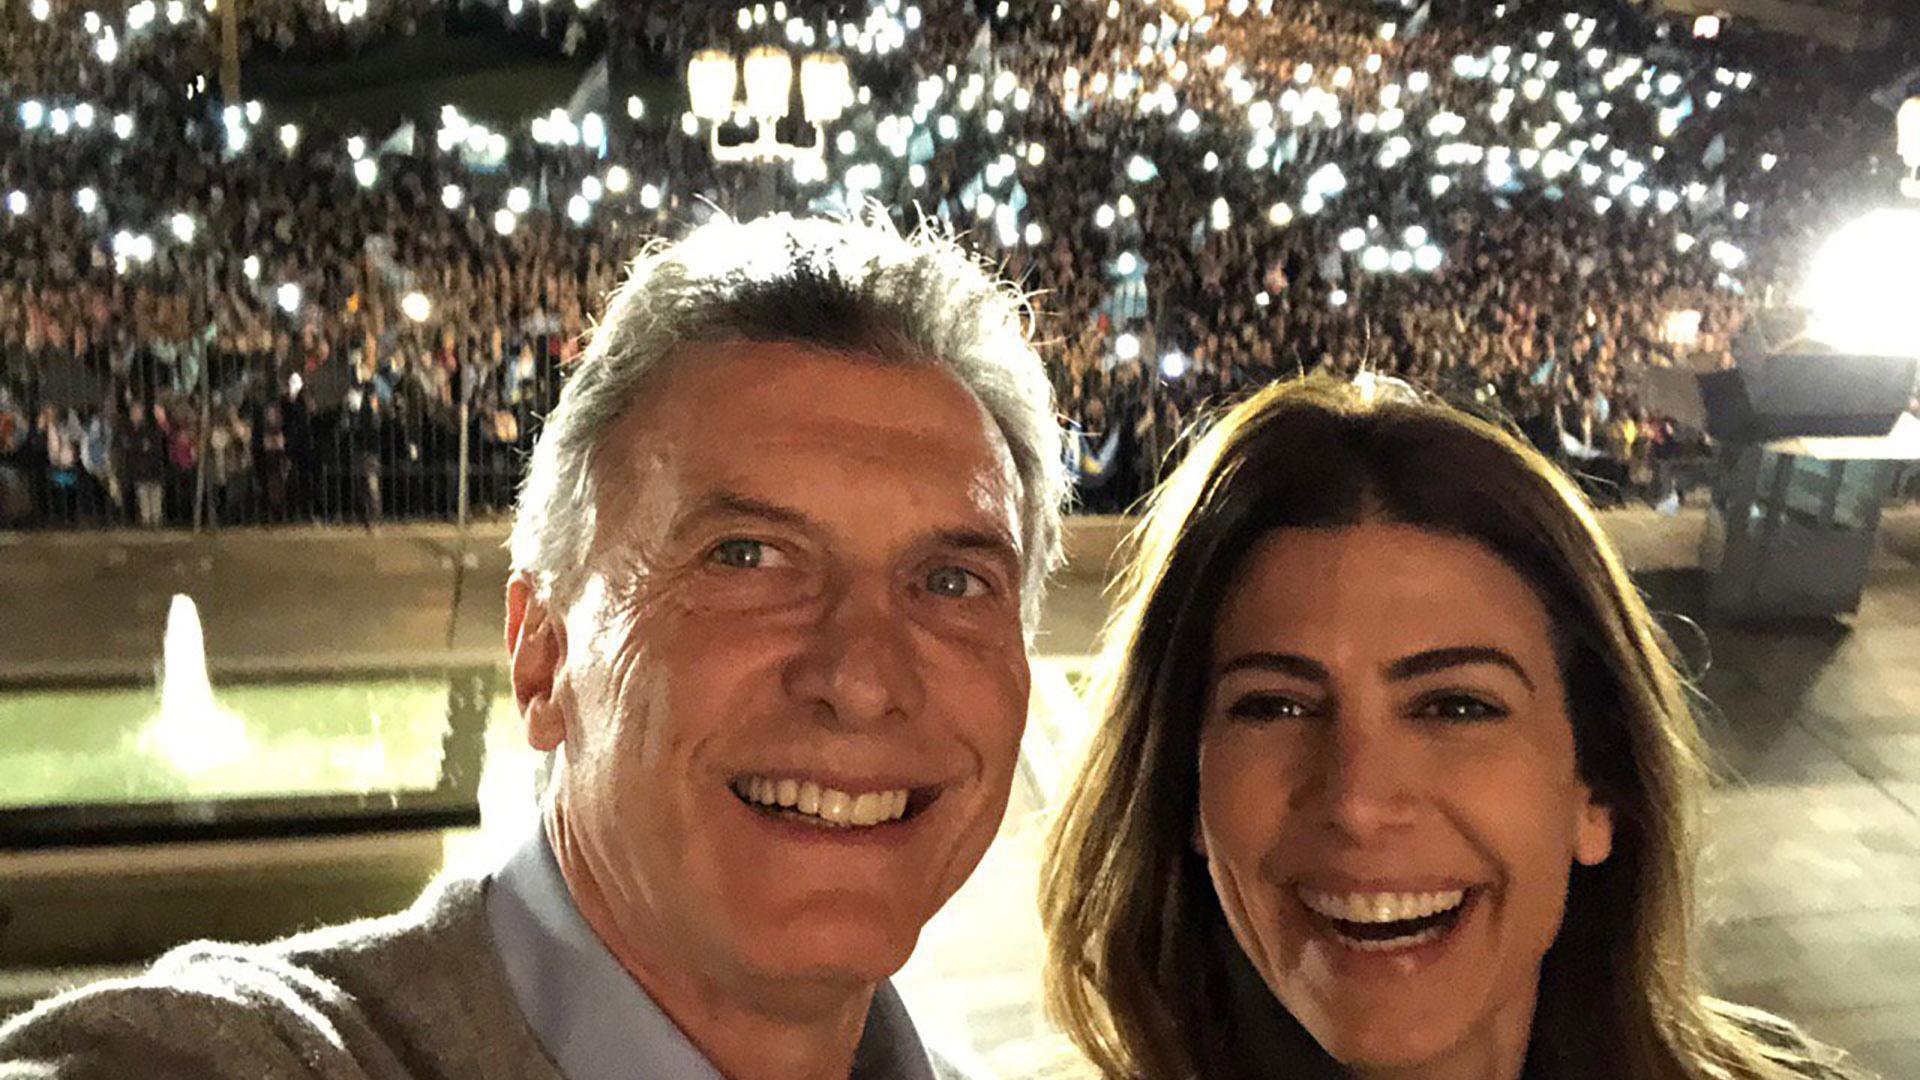 La selfie de Macri y Awada desde el balcón con la Plaza llena de simpatizantes de fondo